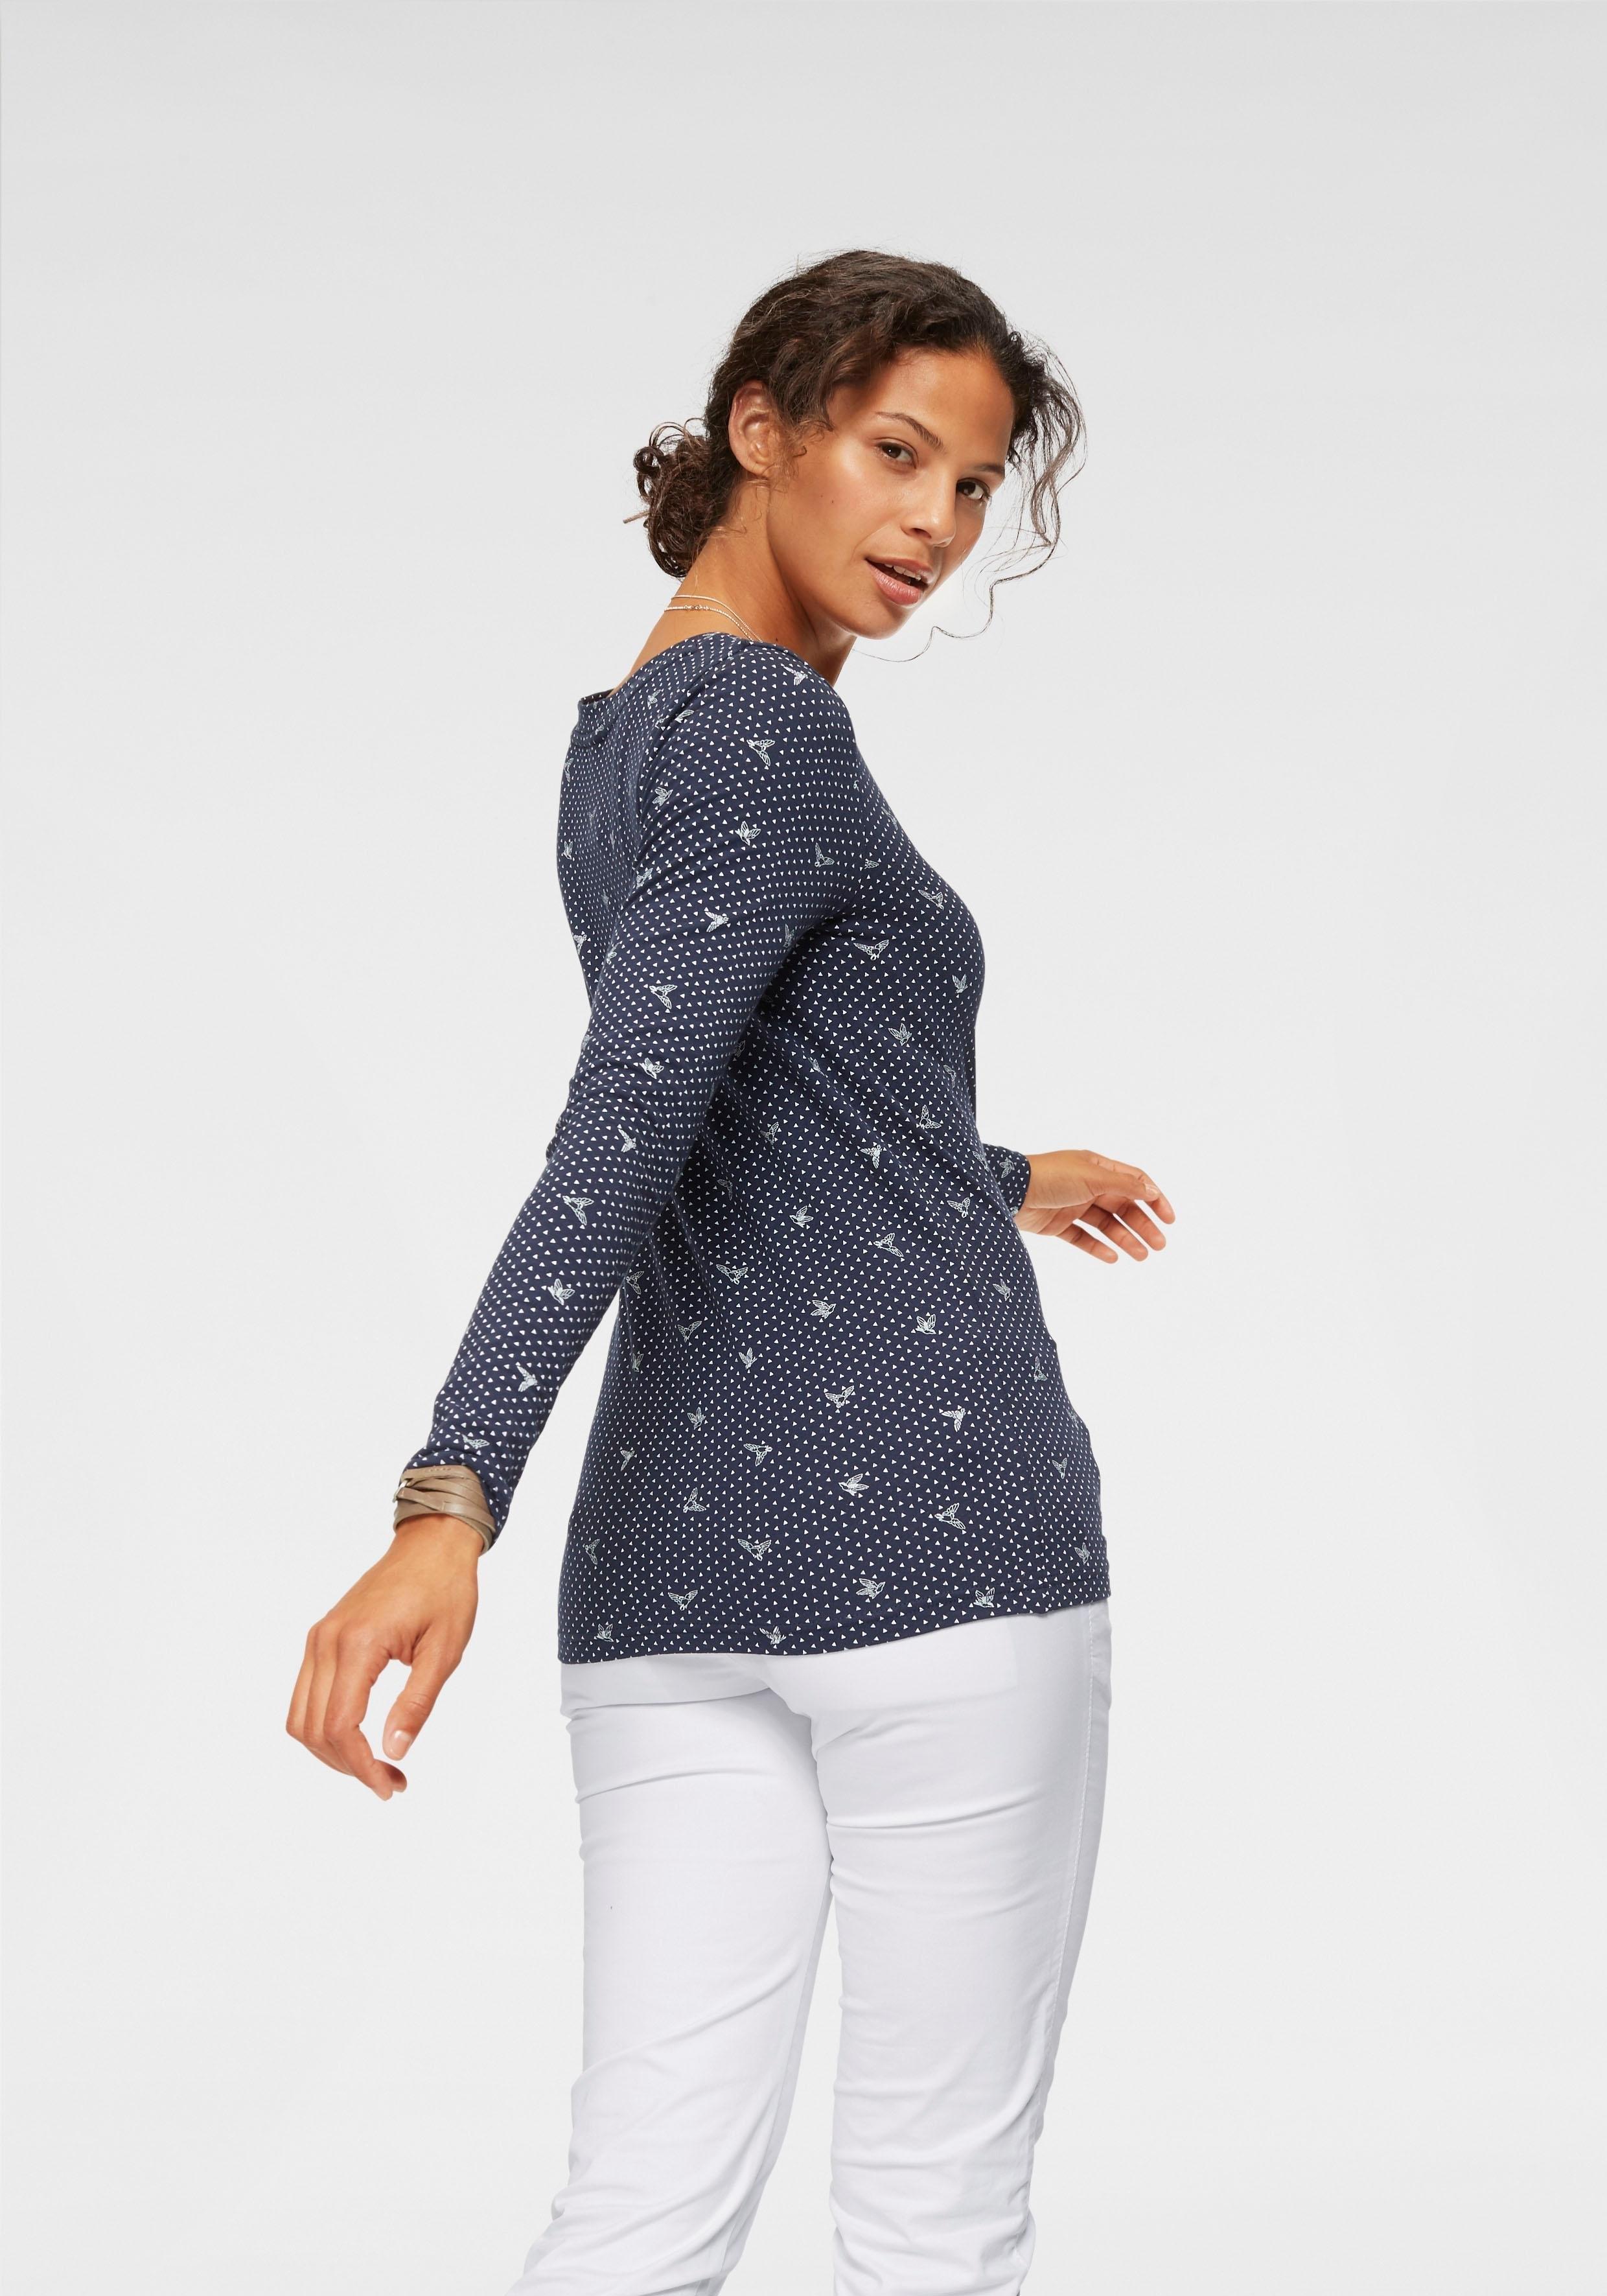 Bij Kangaroos Shirt Met Mouwenset2 Lange deligT shirtBestellen TKFJcl13